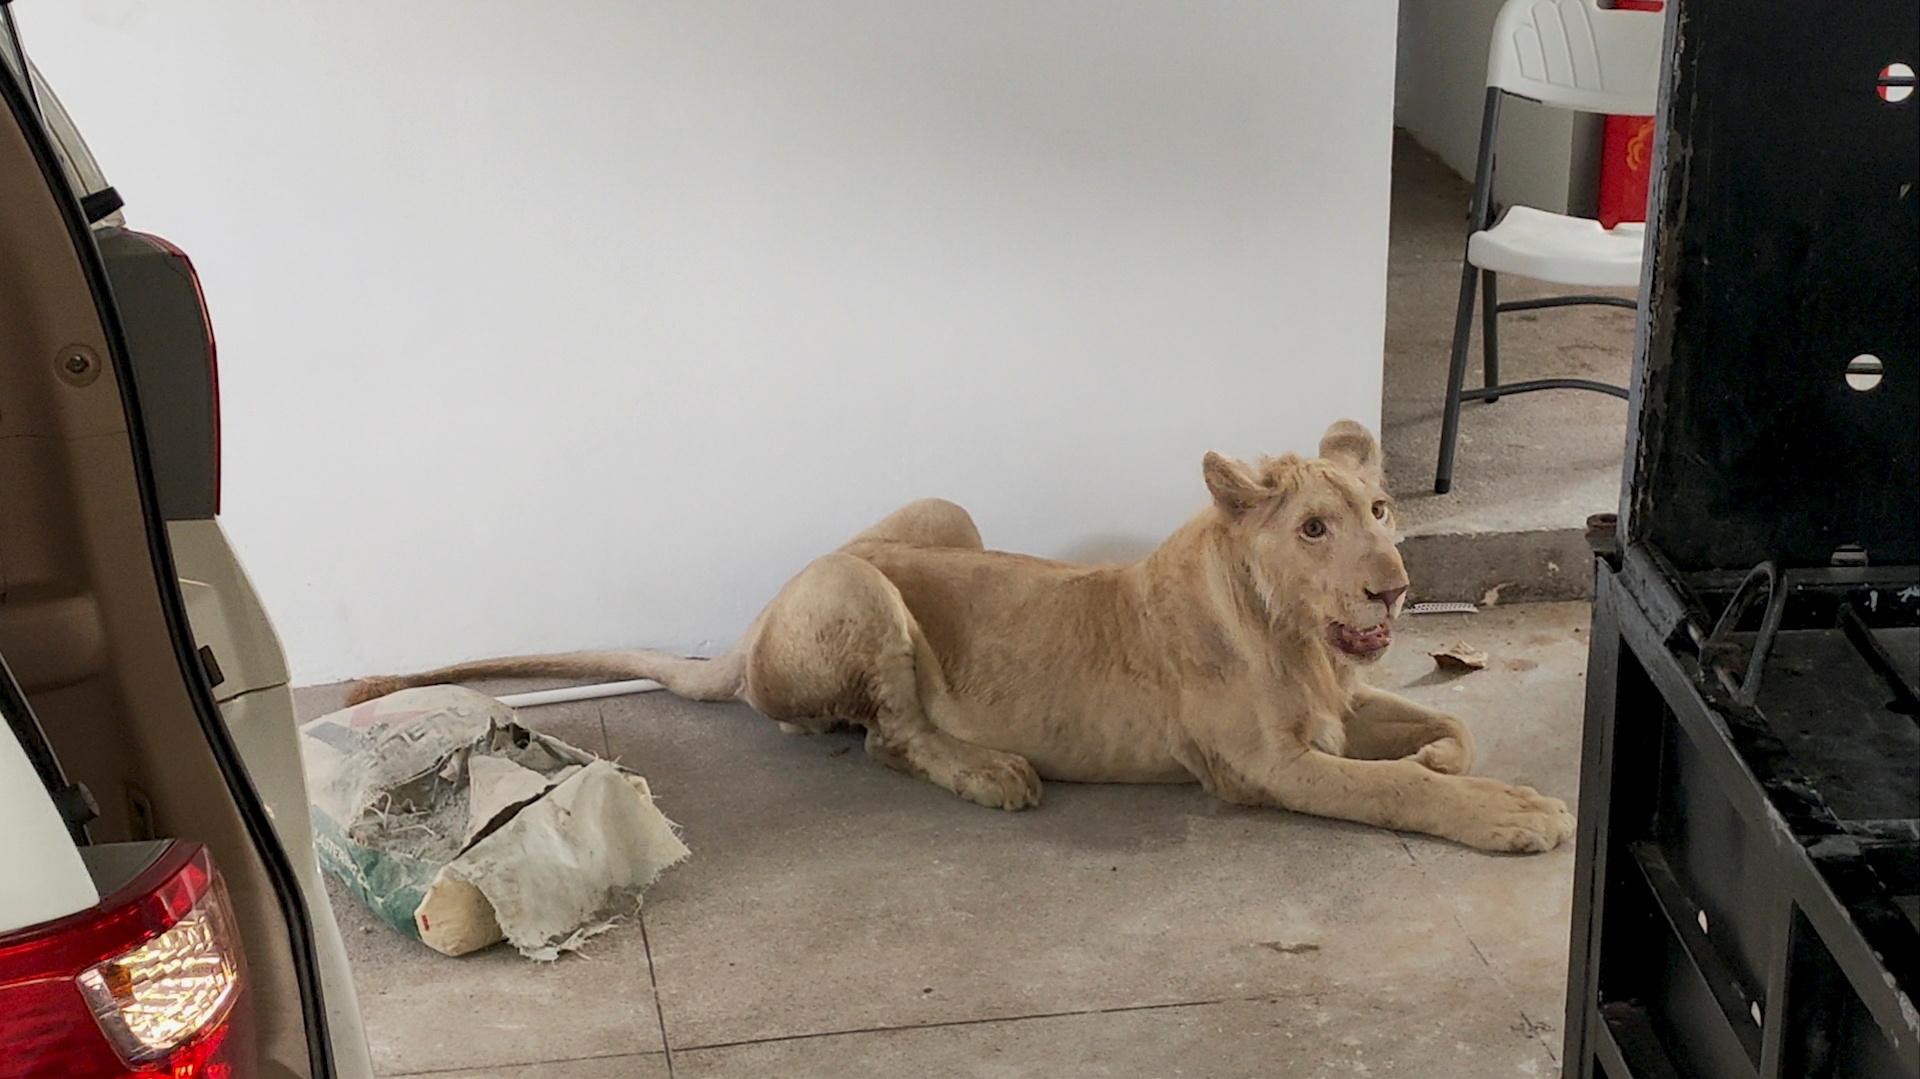 Είχε στο σπίτι του λιοντάρι σαν… κατοικίδιο και το ανέβαζε στο TikTok – Επιχείρηση στην Καμπότζη για τη διάσωσή του